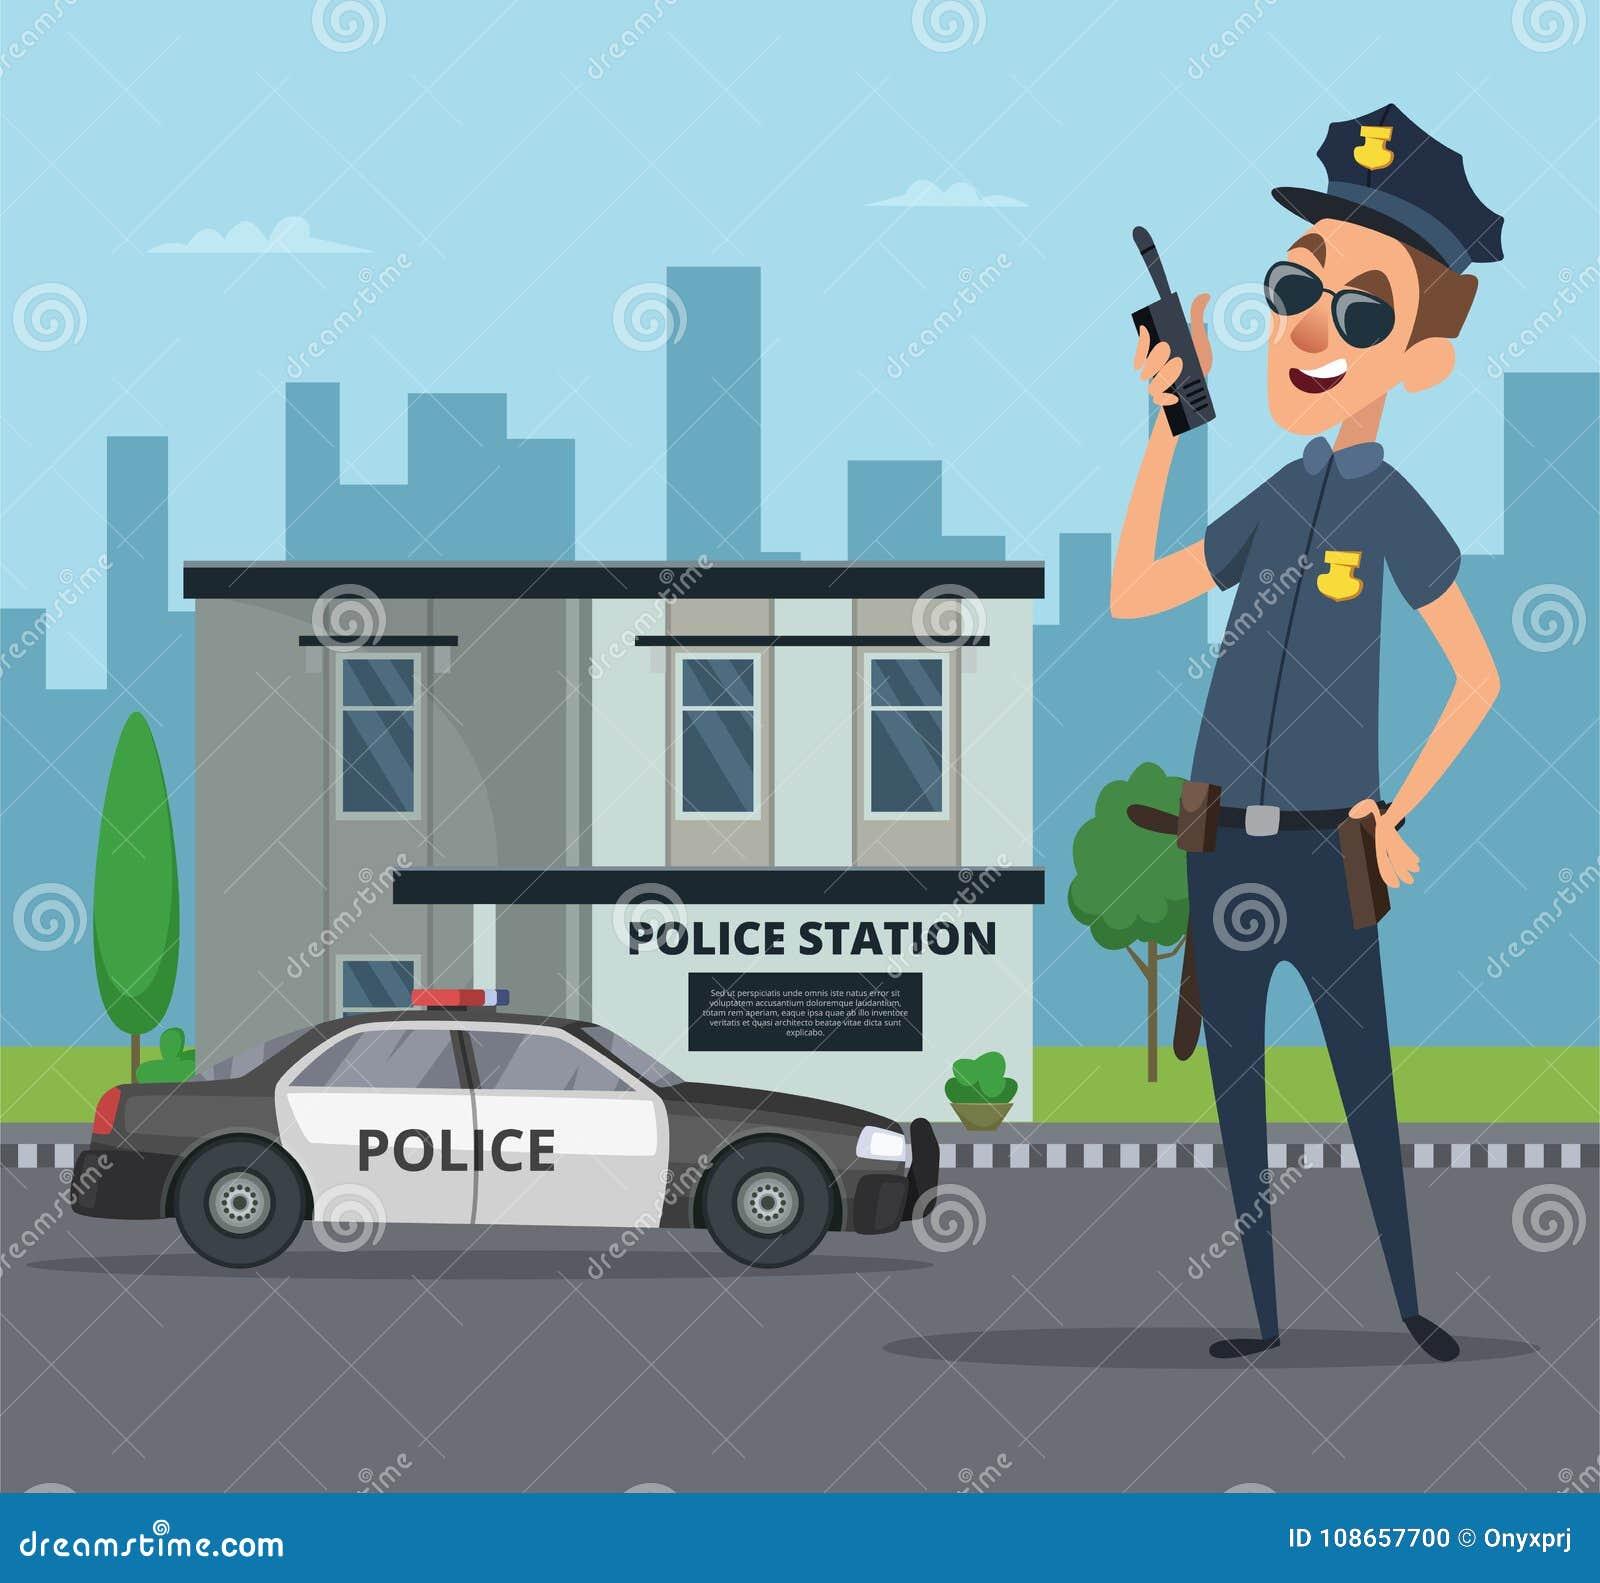 Edificio De La Comisaría De Policías Y Personaje De Dibujos Animados ...